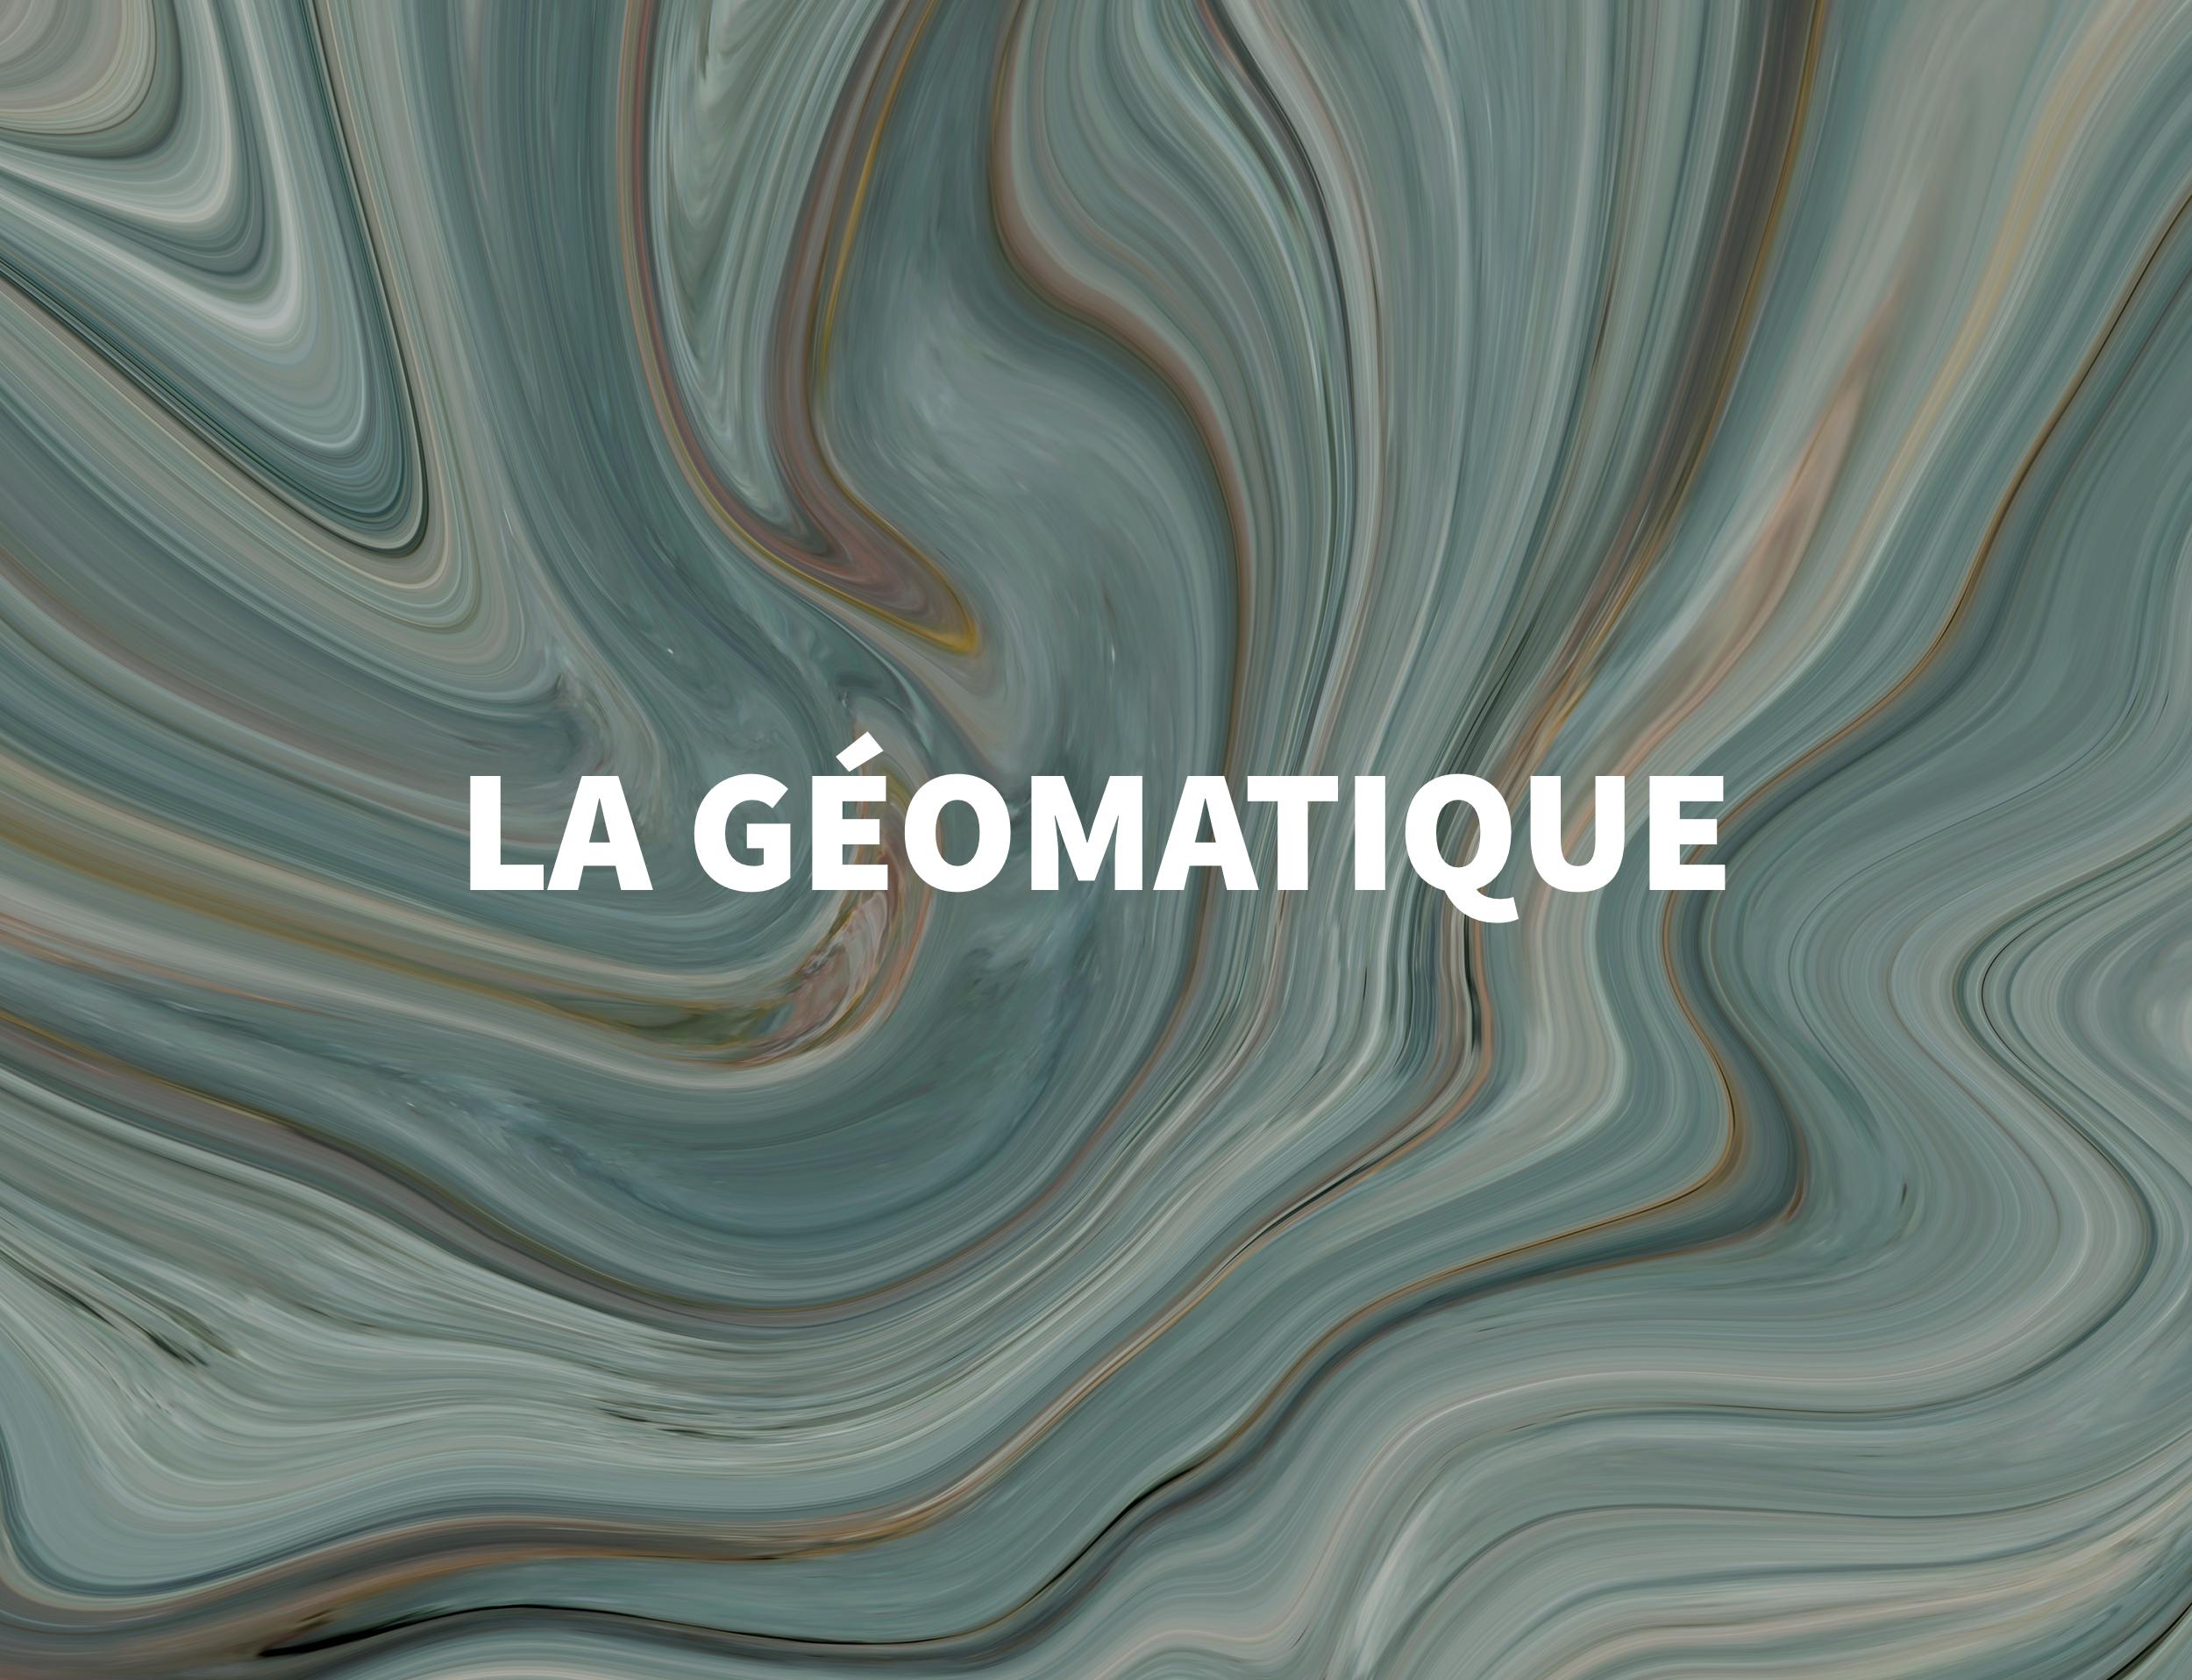 La géomatique - DEPTH SA